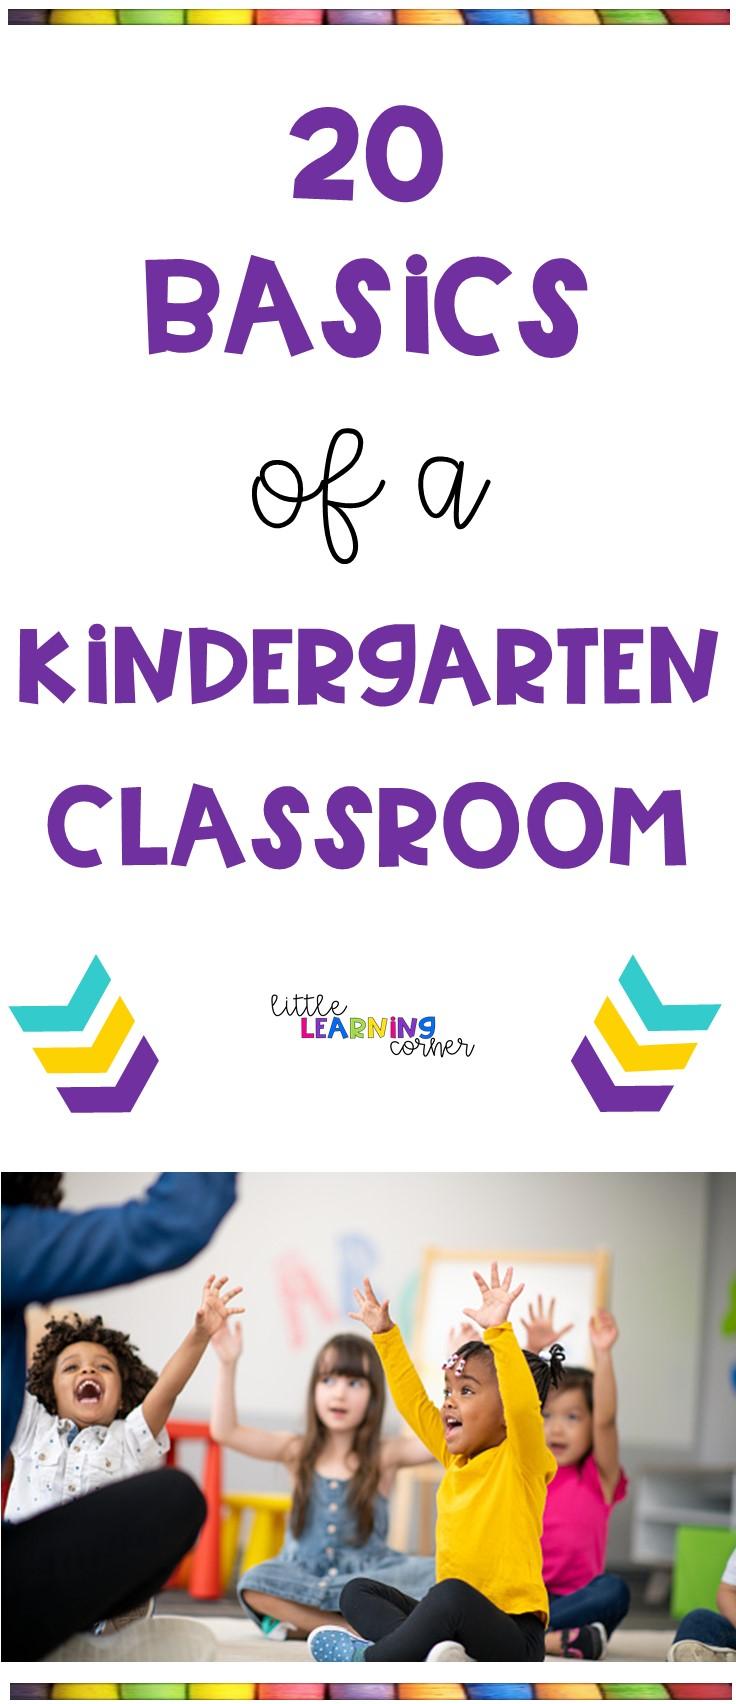 kindergarten-classroom-pin-2